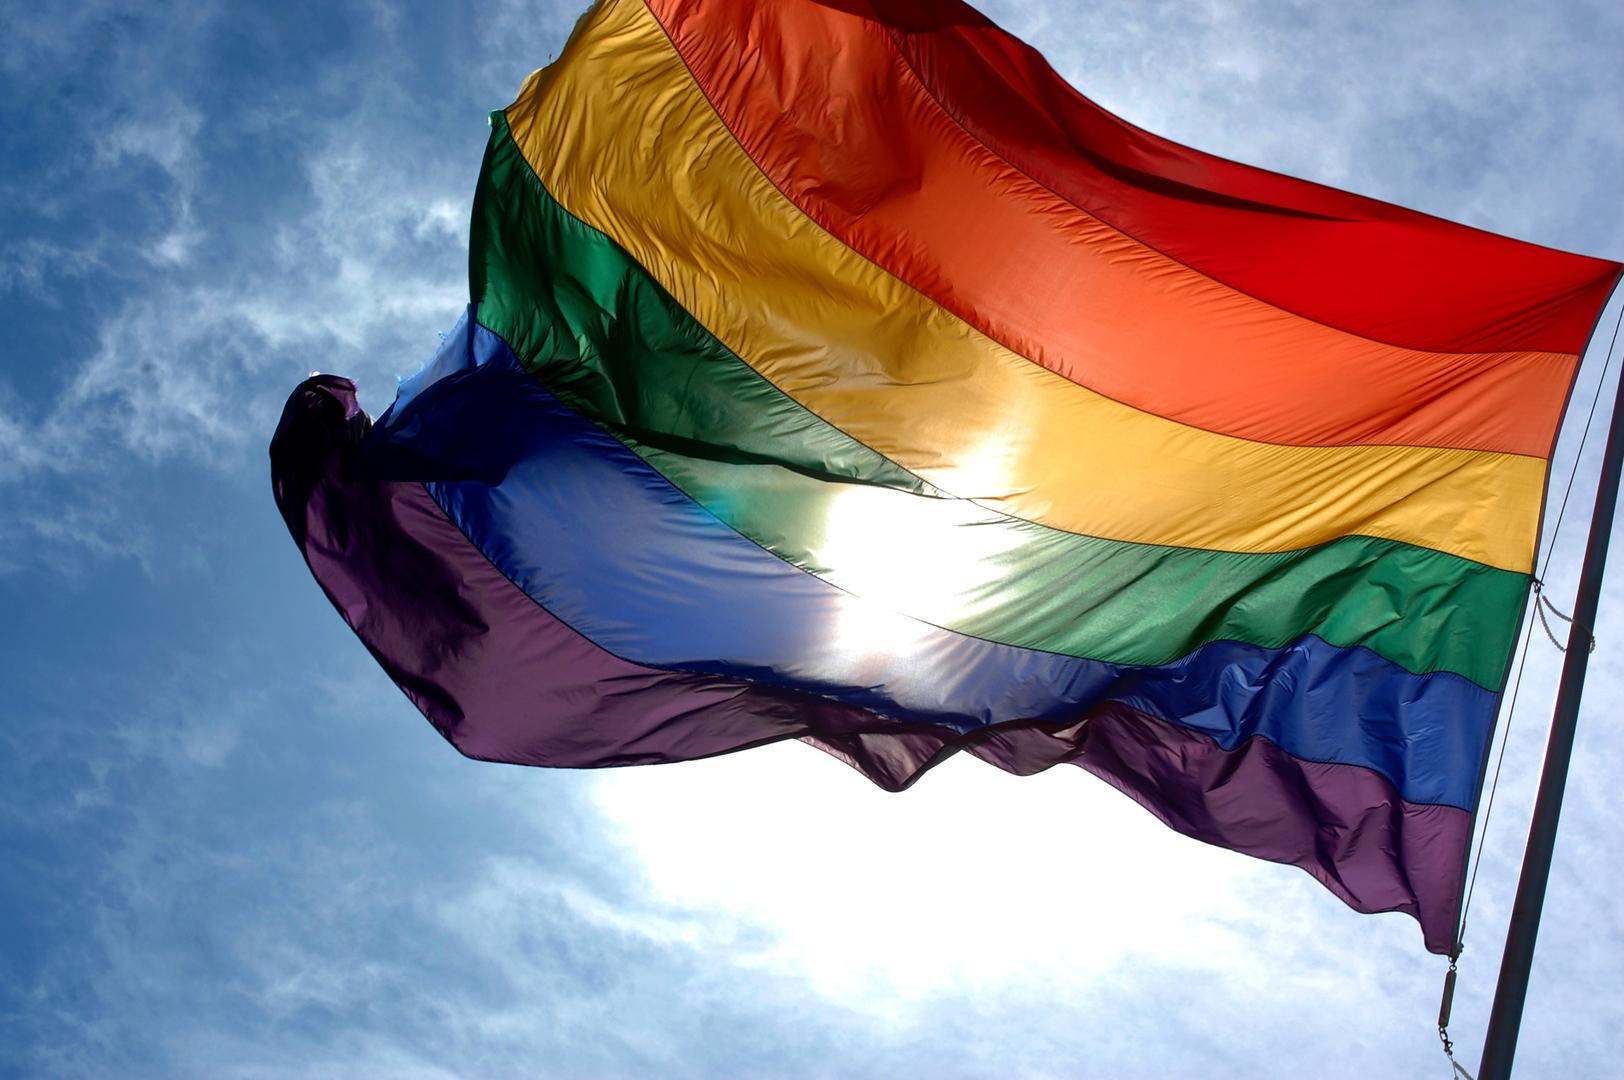 بسبب علم المثليين.. بوتين يسخر من السفارة الأمريكية